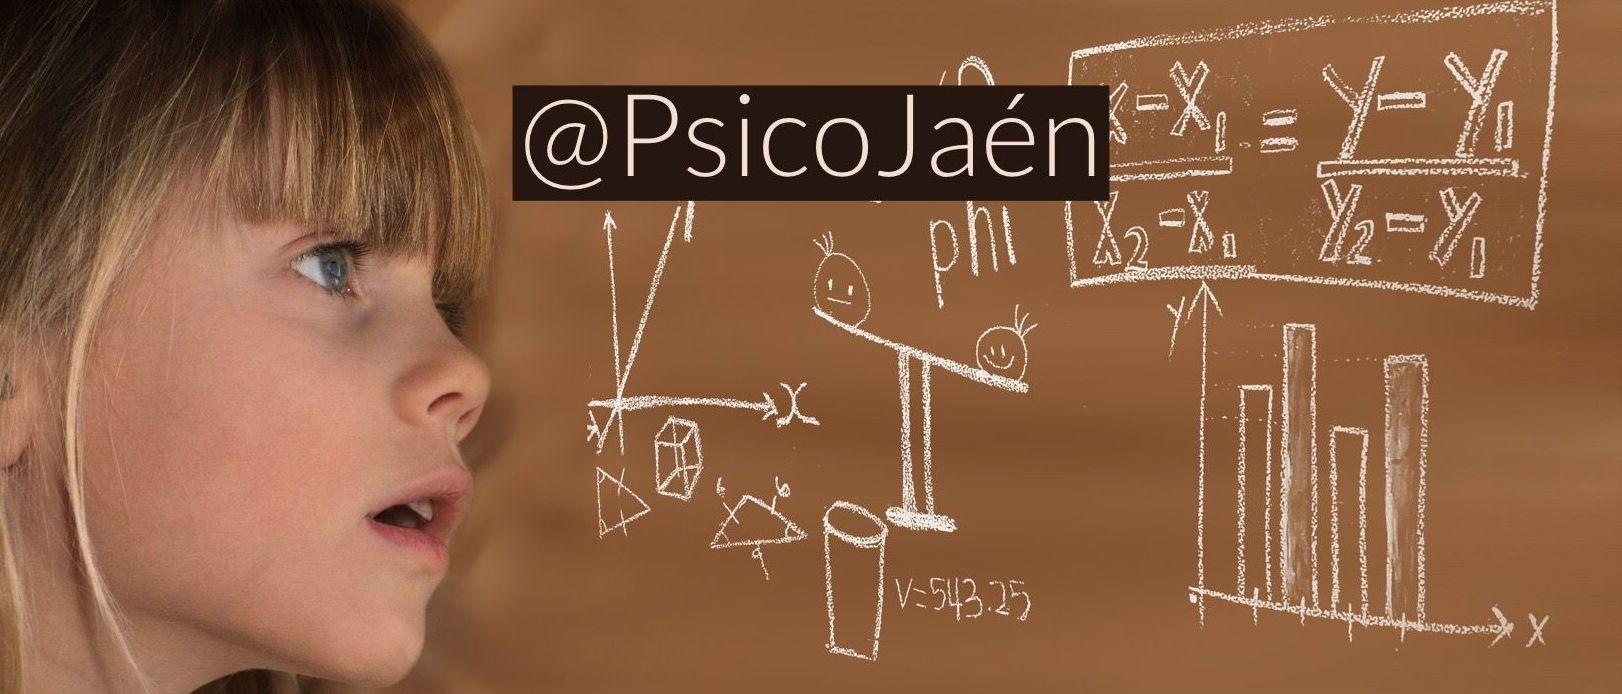 El 98% de los niños son genios creativos, al llegar a la adultez solo el 2% lo son